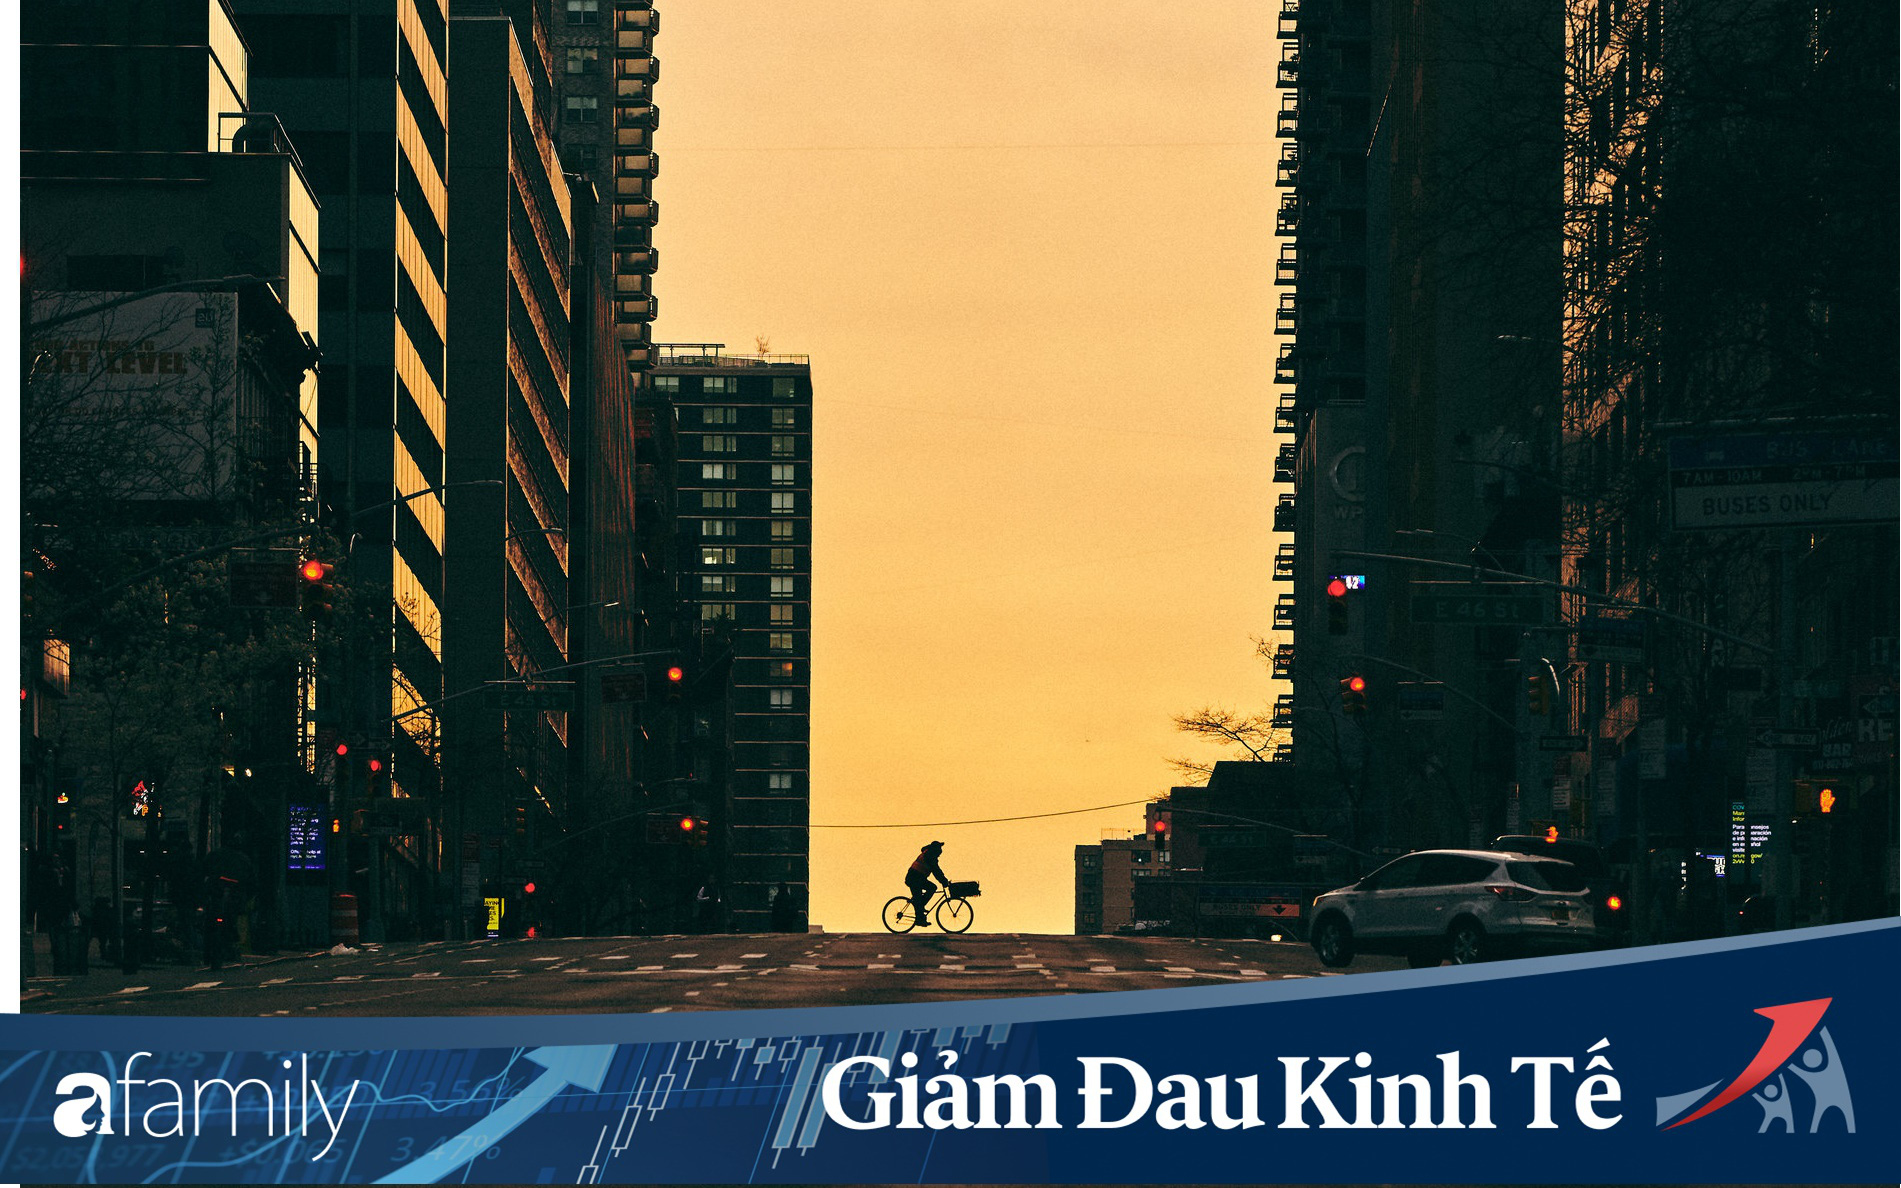 """Chùm ảnh cảnh tượng New York vắng lặng như tờ vì Covid-19: Từ thành phố """"không ngủ"""" nhộn nhịp nhất thế giới giờ hóa quạnh hiu"""